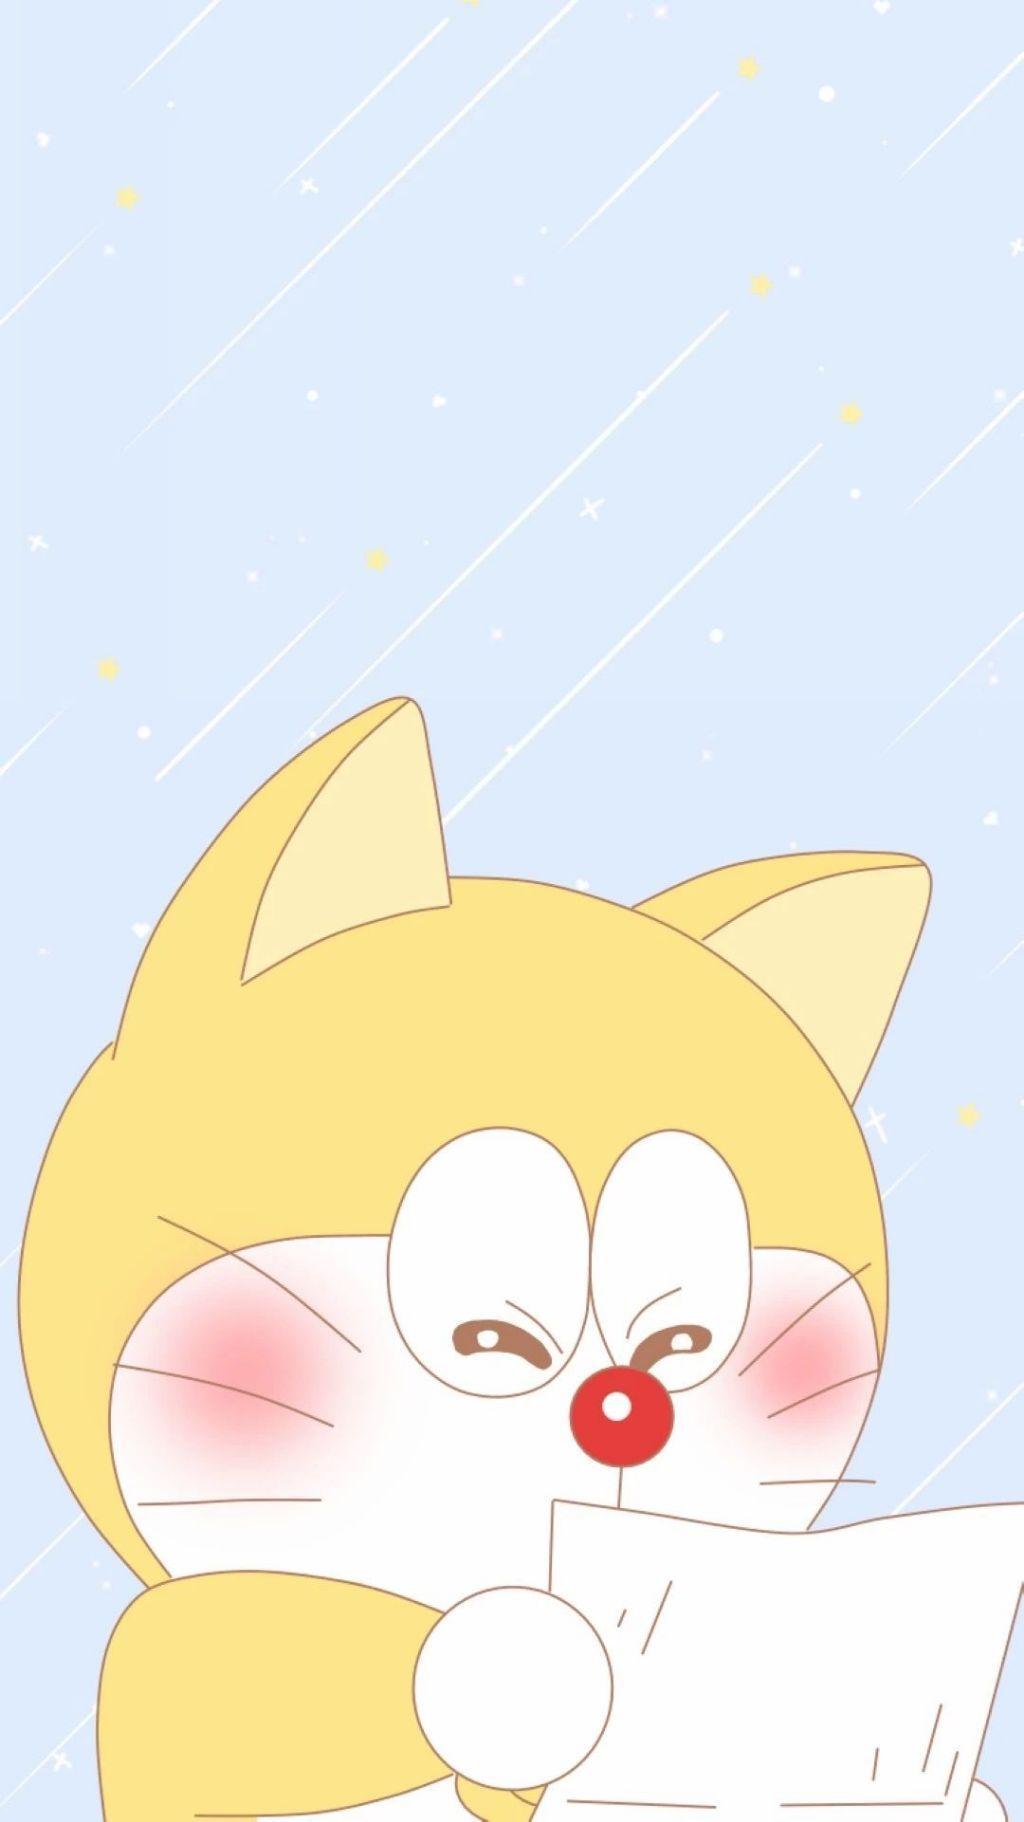 哆啦A梦壁纸:可爱哆啦A梦蓝胖子手机壁纸插图23